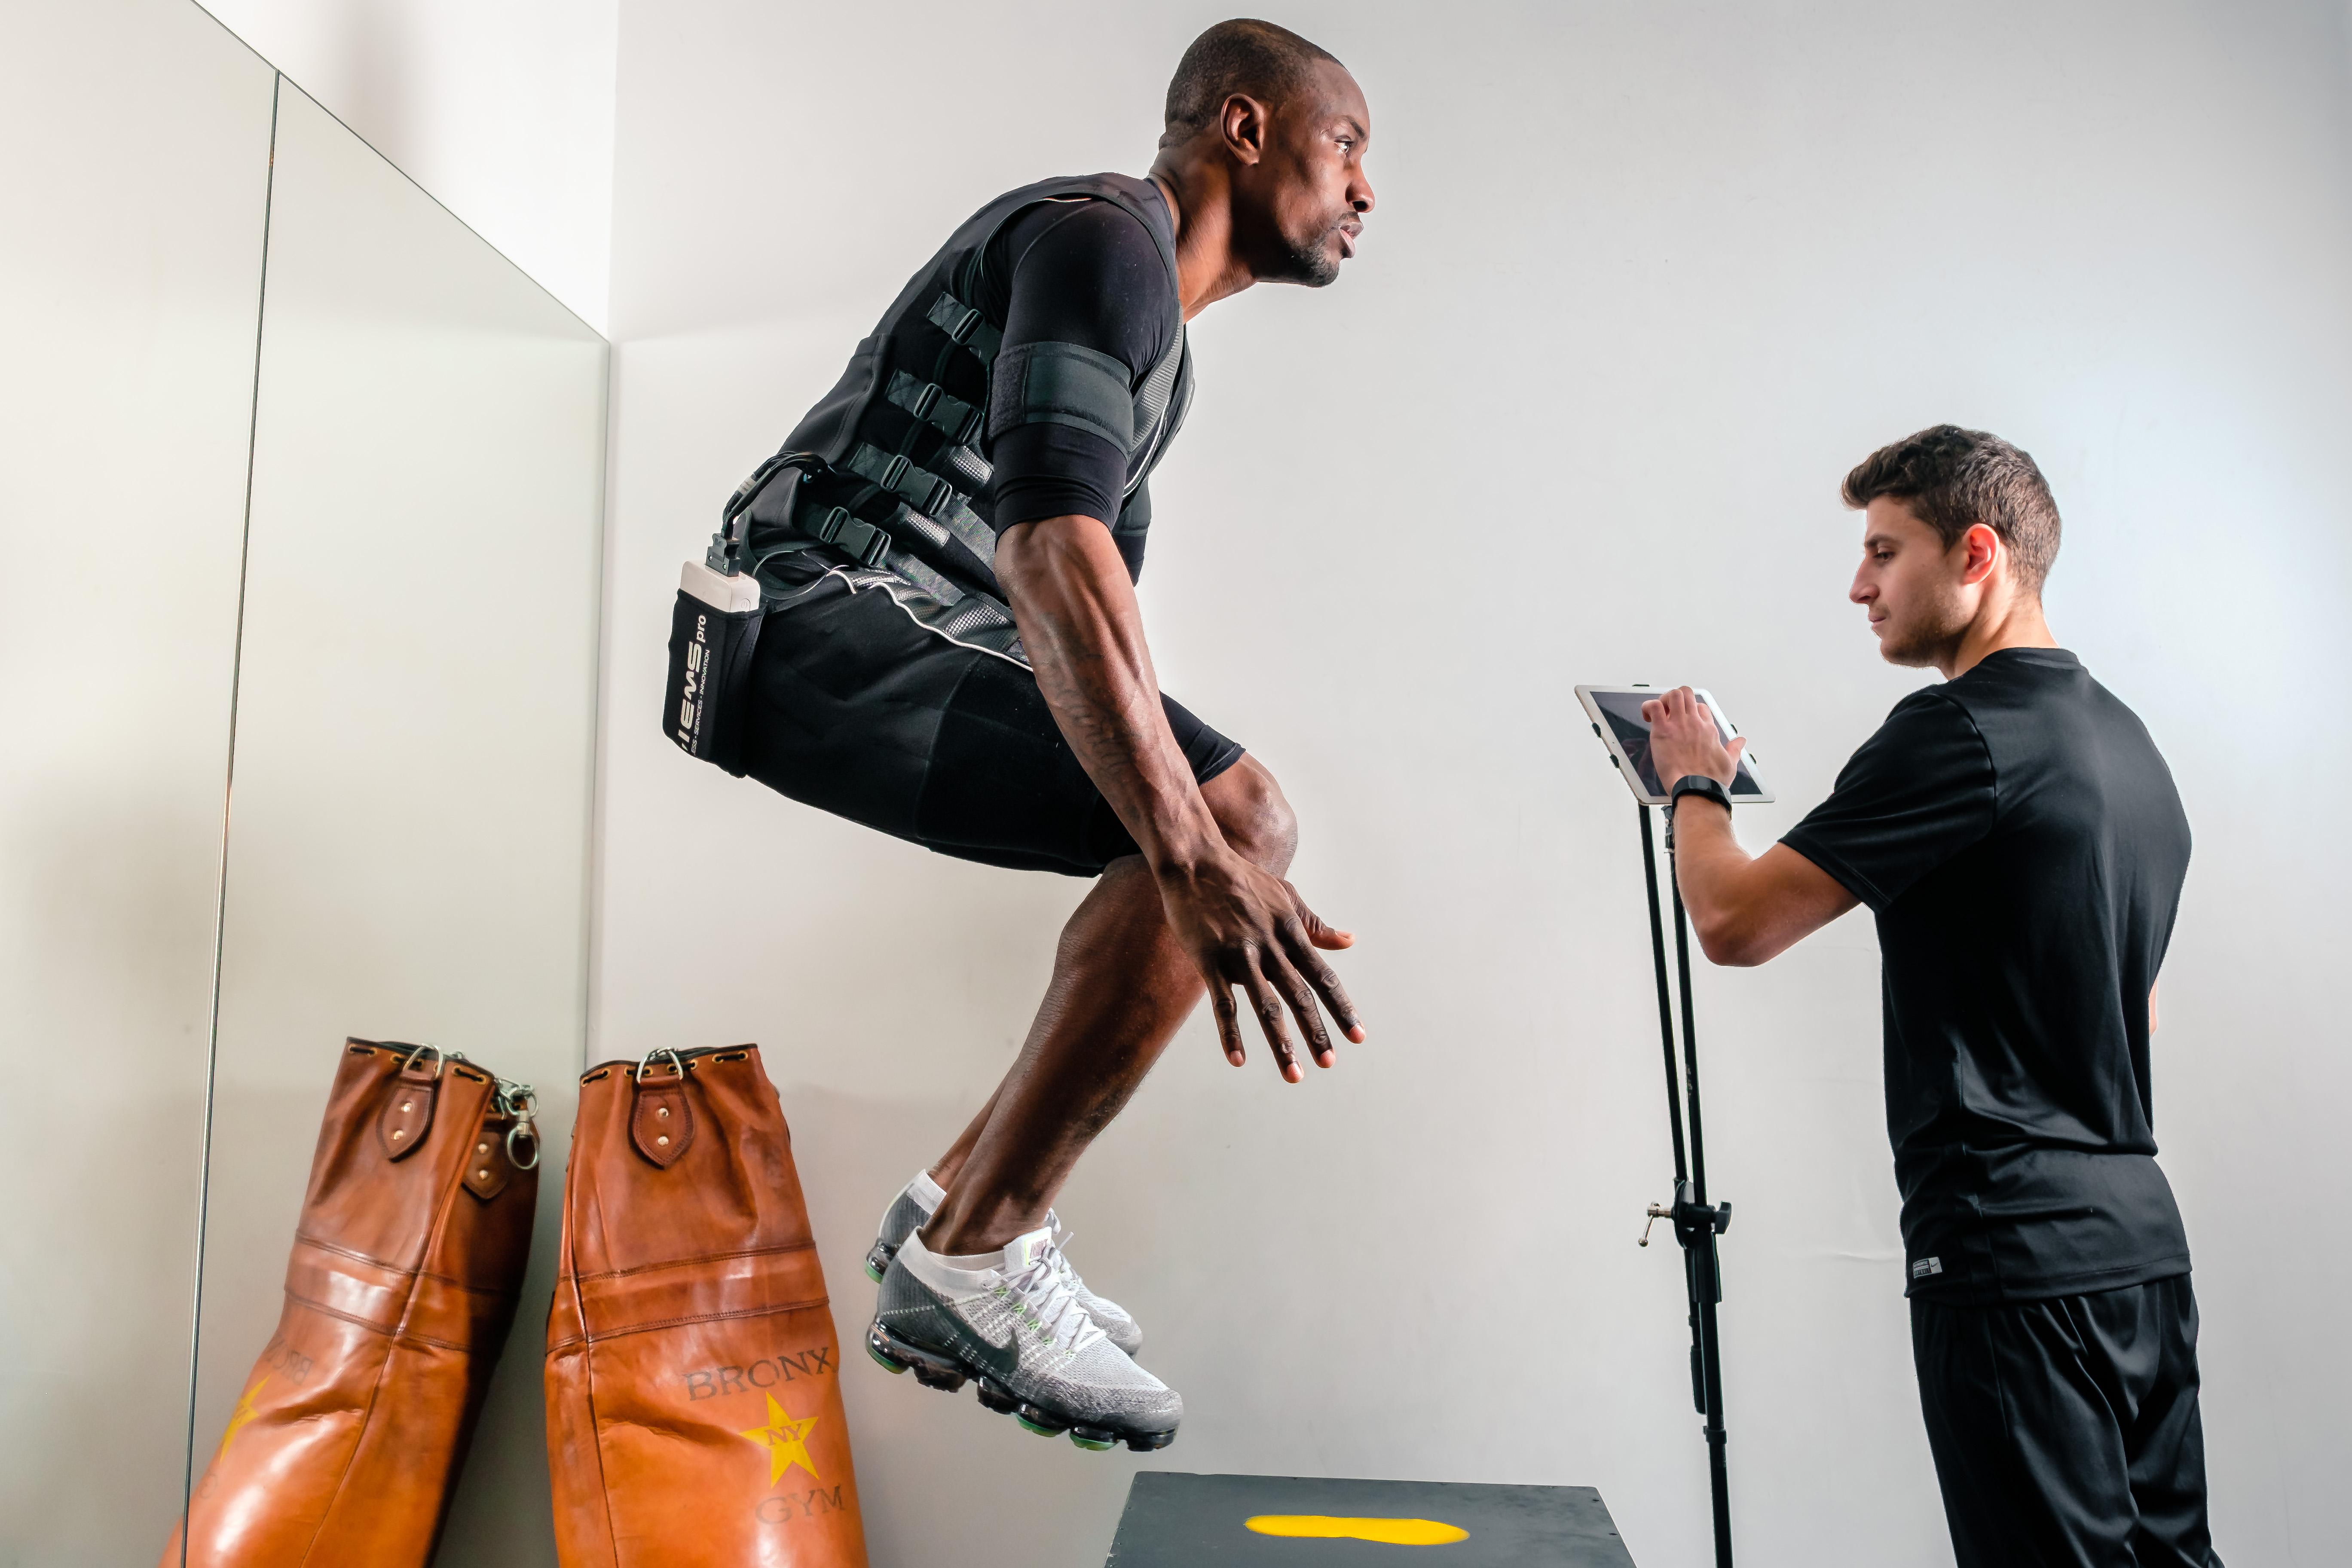 Los 5 errores más comunes en entrenamiento con electroestimulación